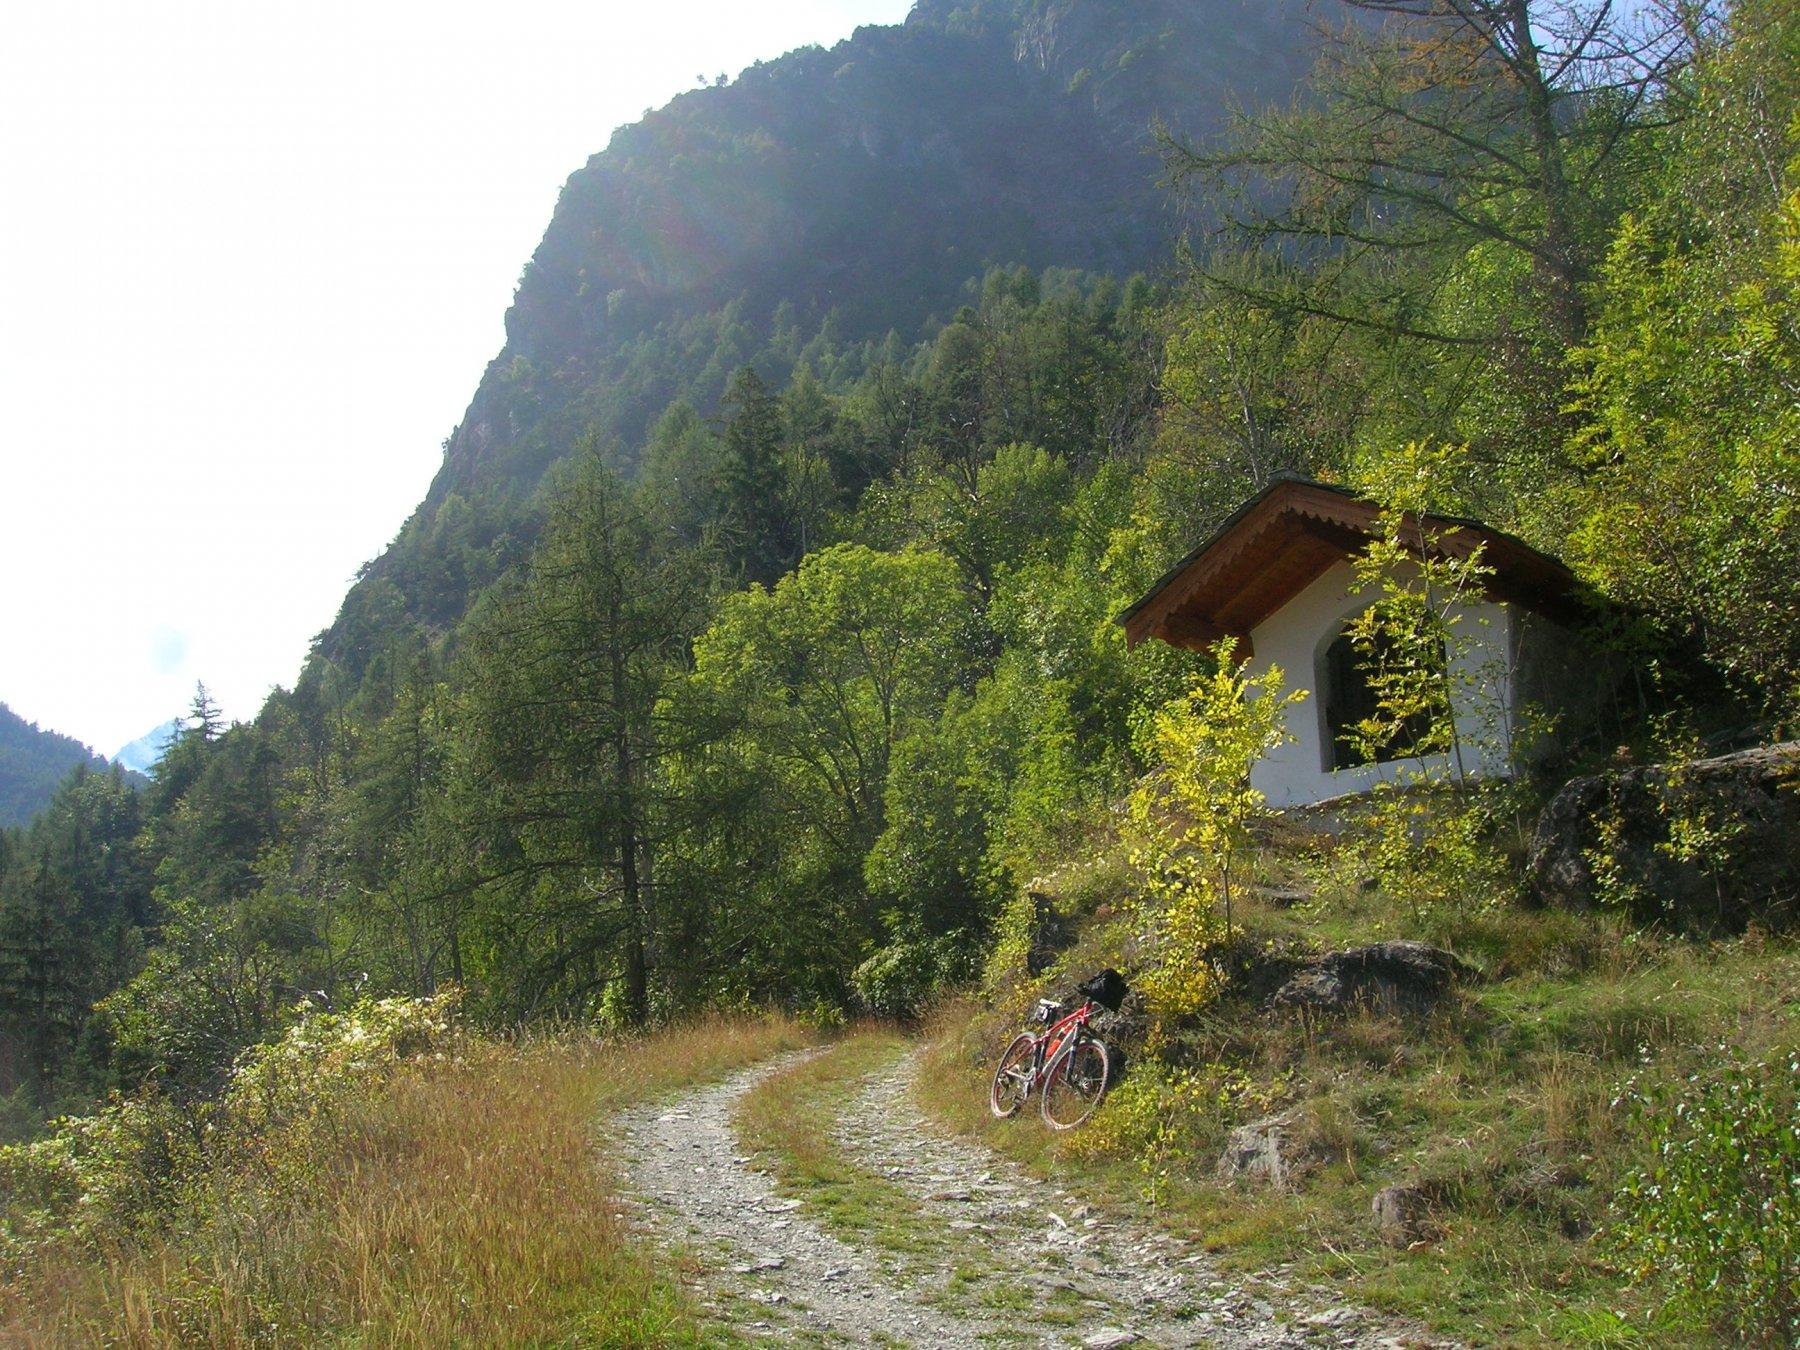 Lo sterrato che, aggirando le pendici del Mont Saint Julien, consente di collegare la carrozzabile della Val Clavalitè con quella per Les Druges